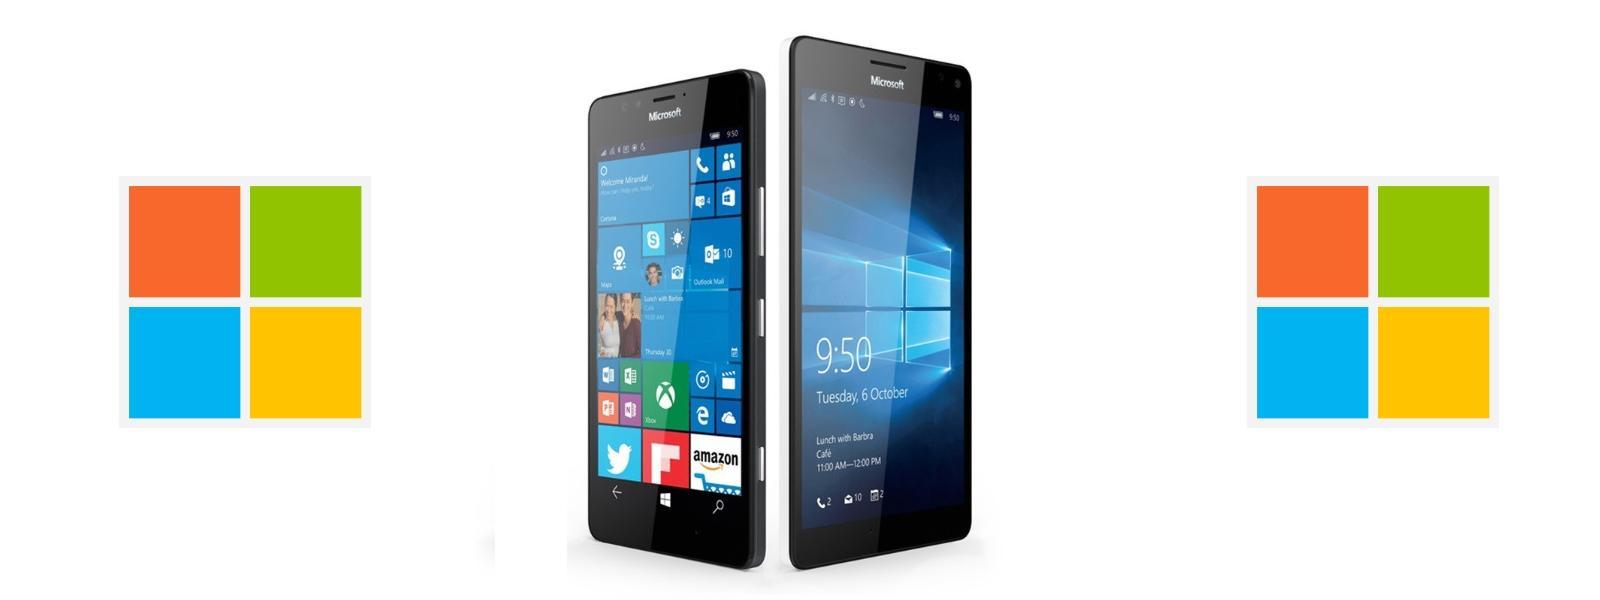 Lumia 950 & 950 XL